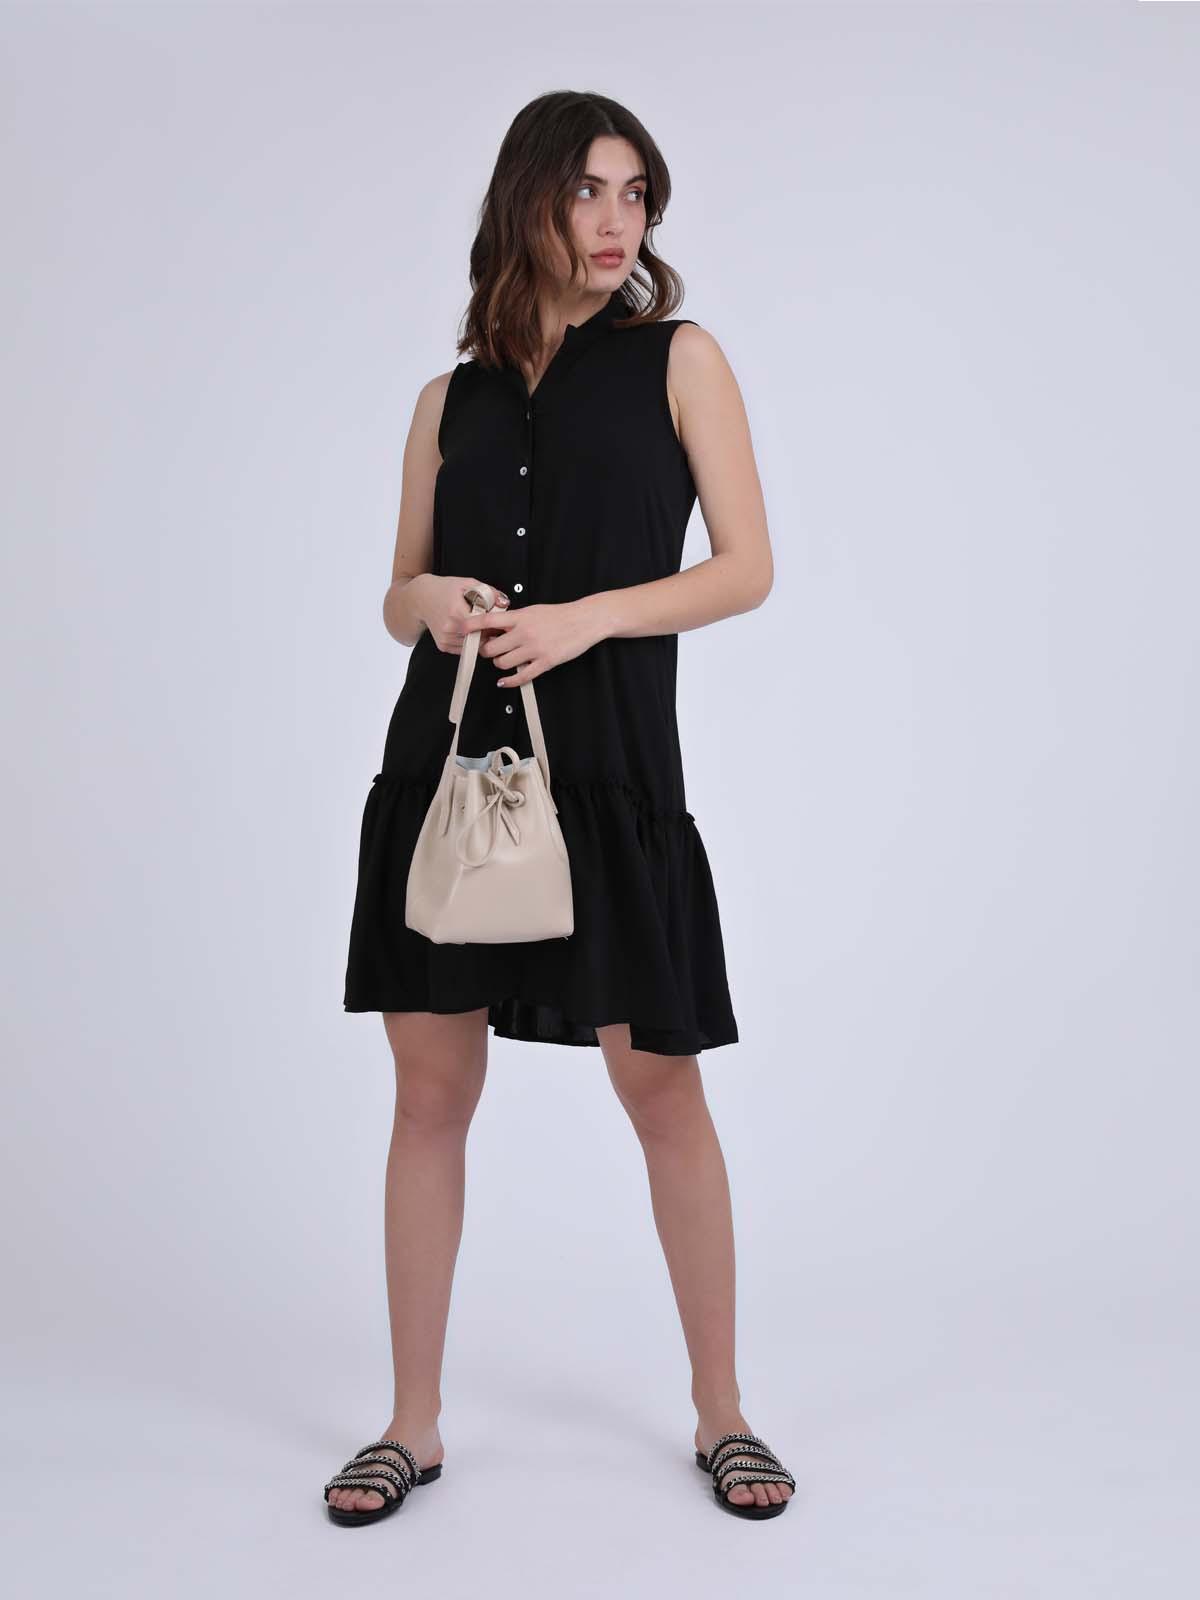 שמלת כפתורים מישל שחור סטייל ריבר